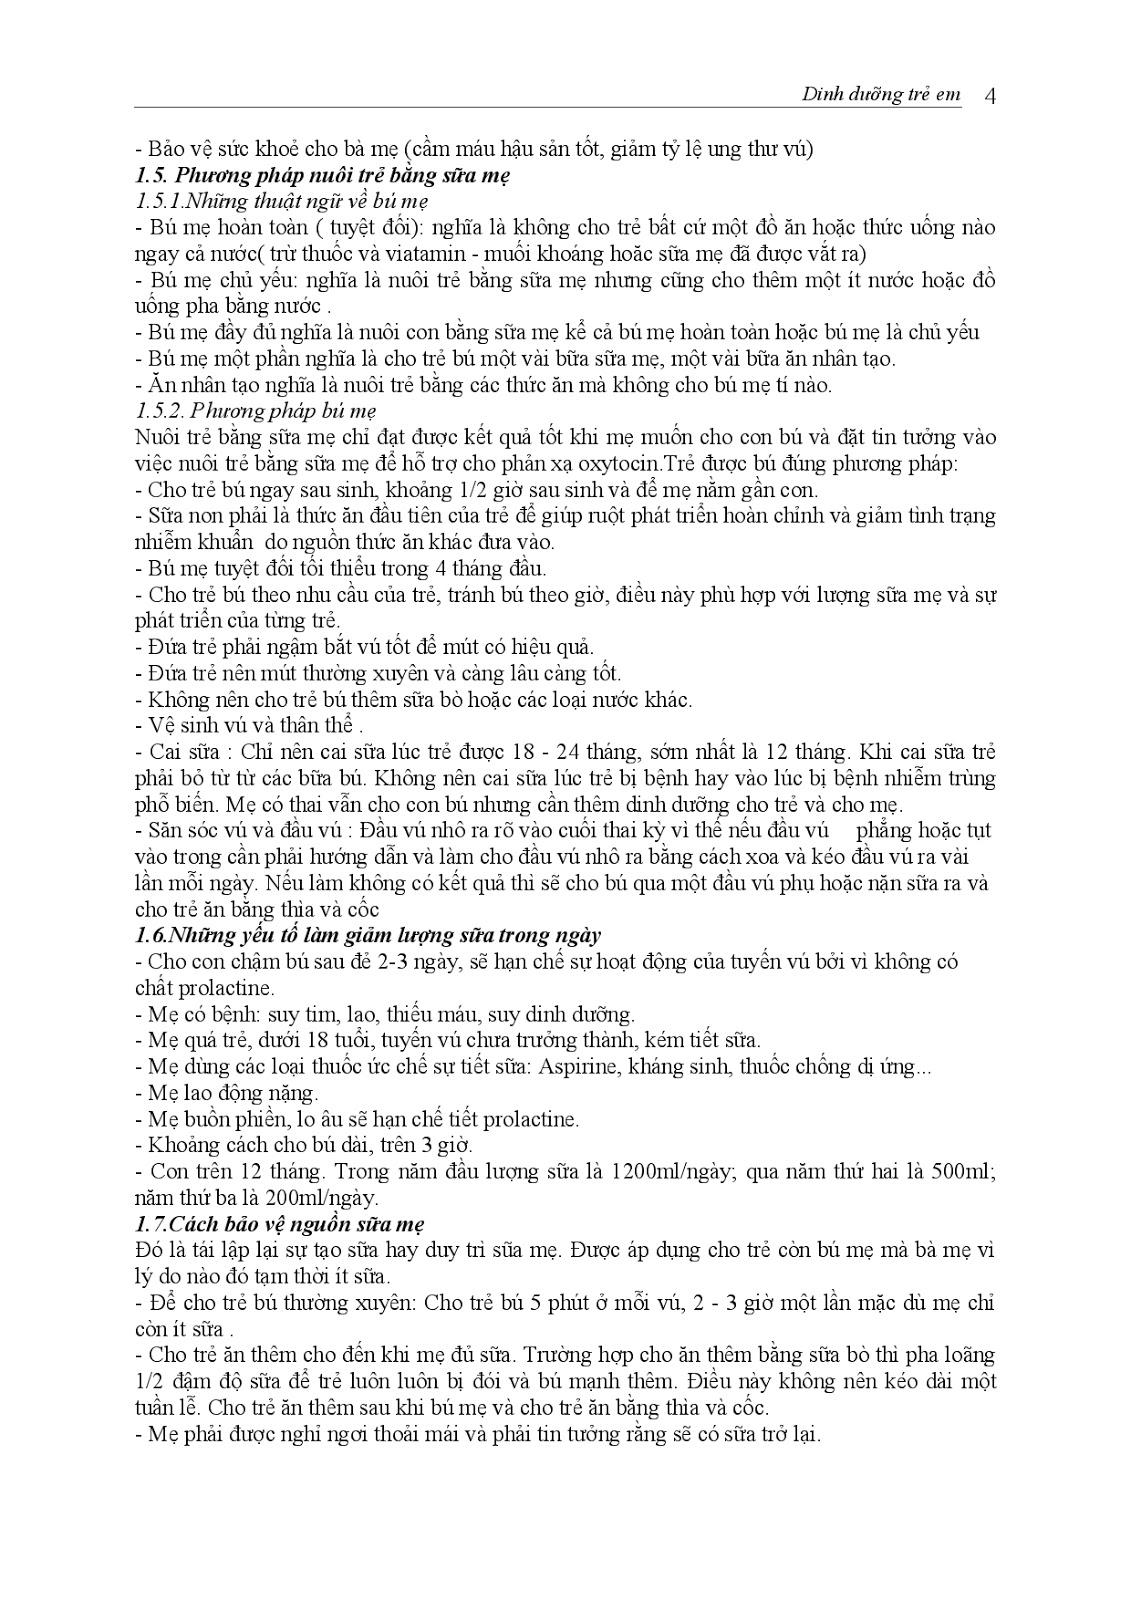 Trang 4 sach Bài giảng Nhi khoa I (Nhi khoa cơ sở - Nhi dinh dưỡng) - ĐH Y Huế